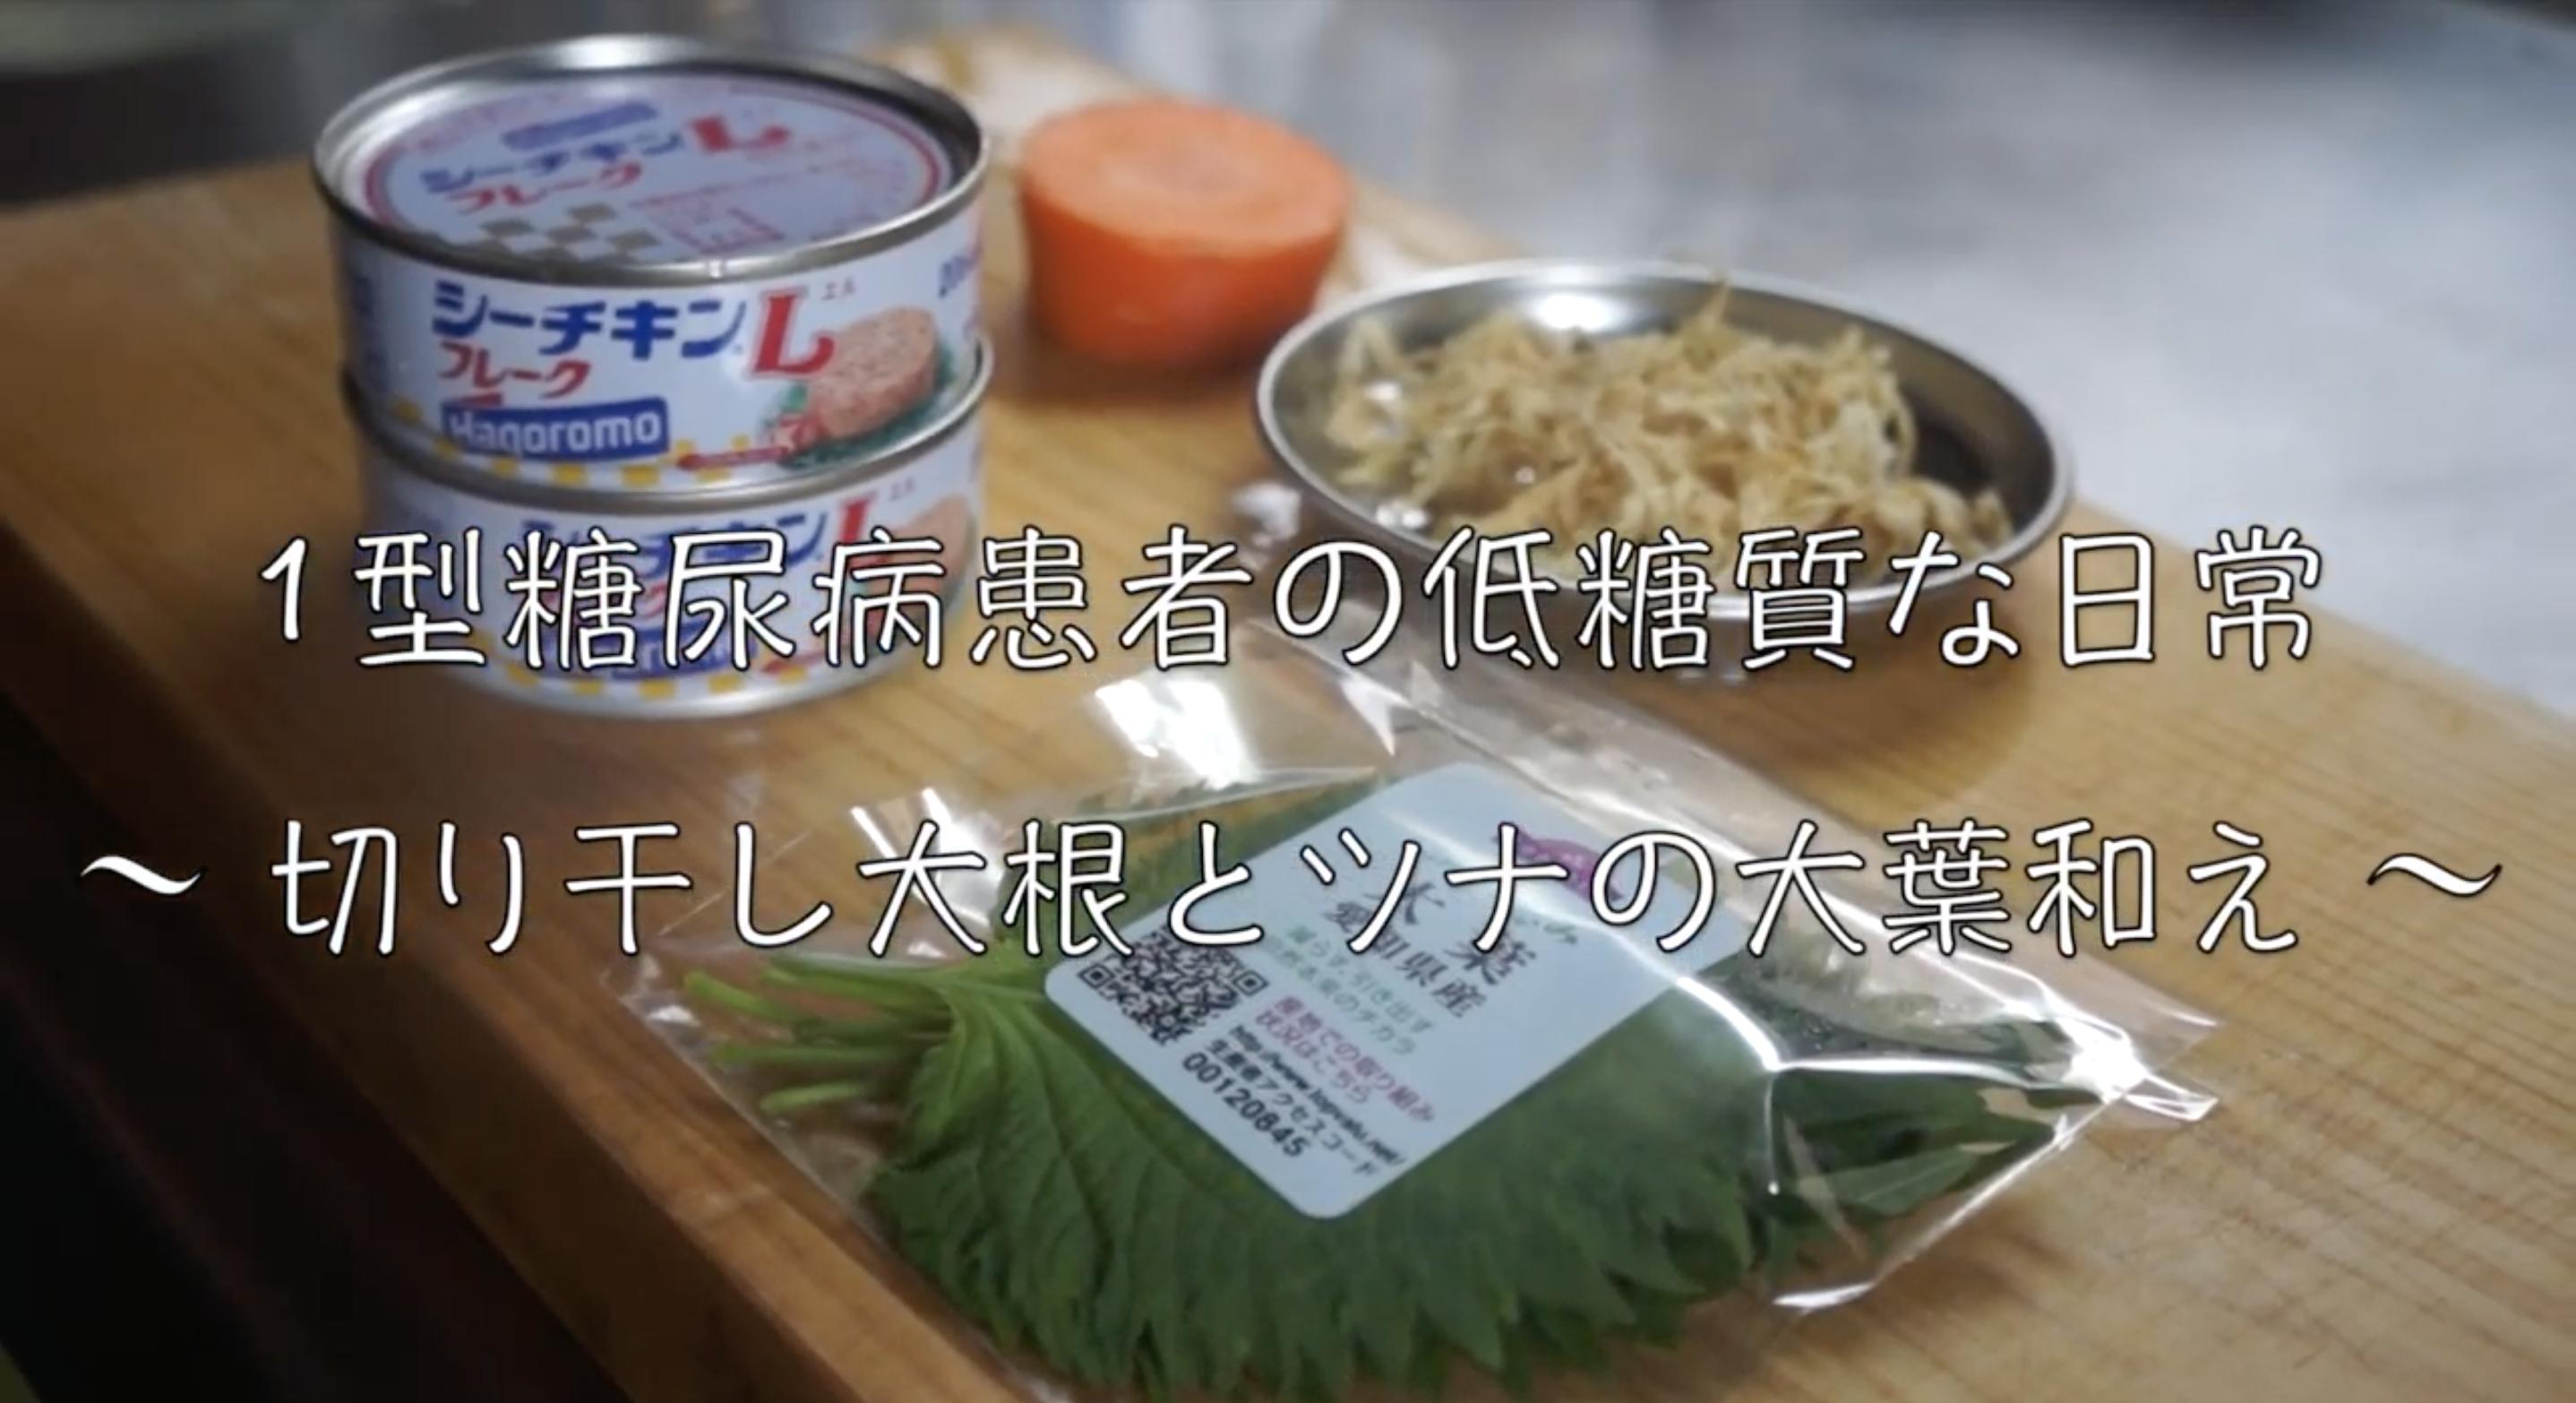 ツナ缶 切り干し大根 レシピ 作り置き